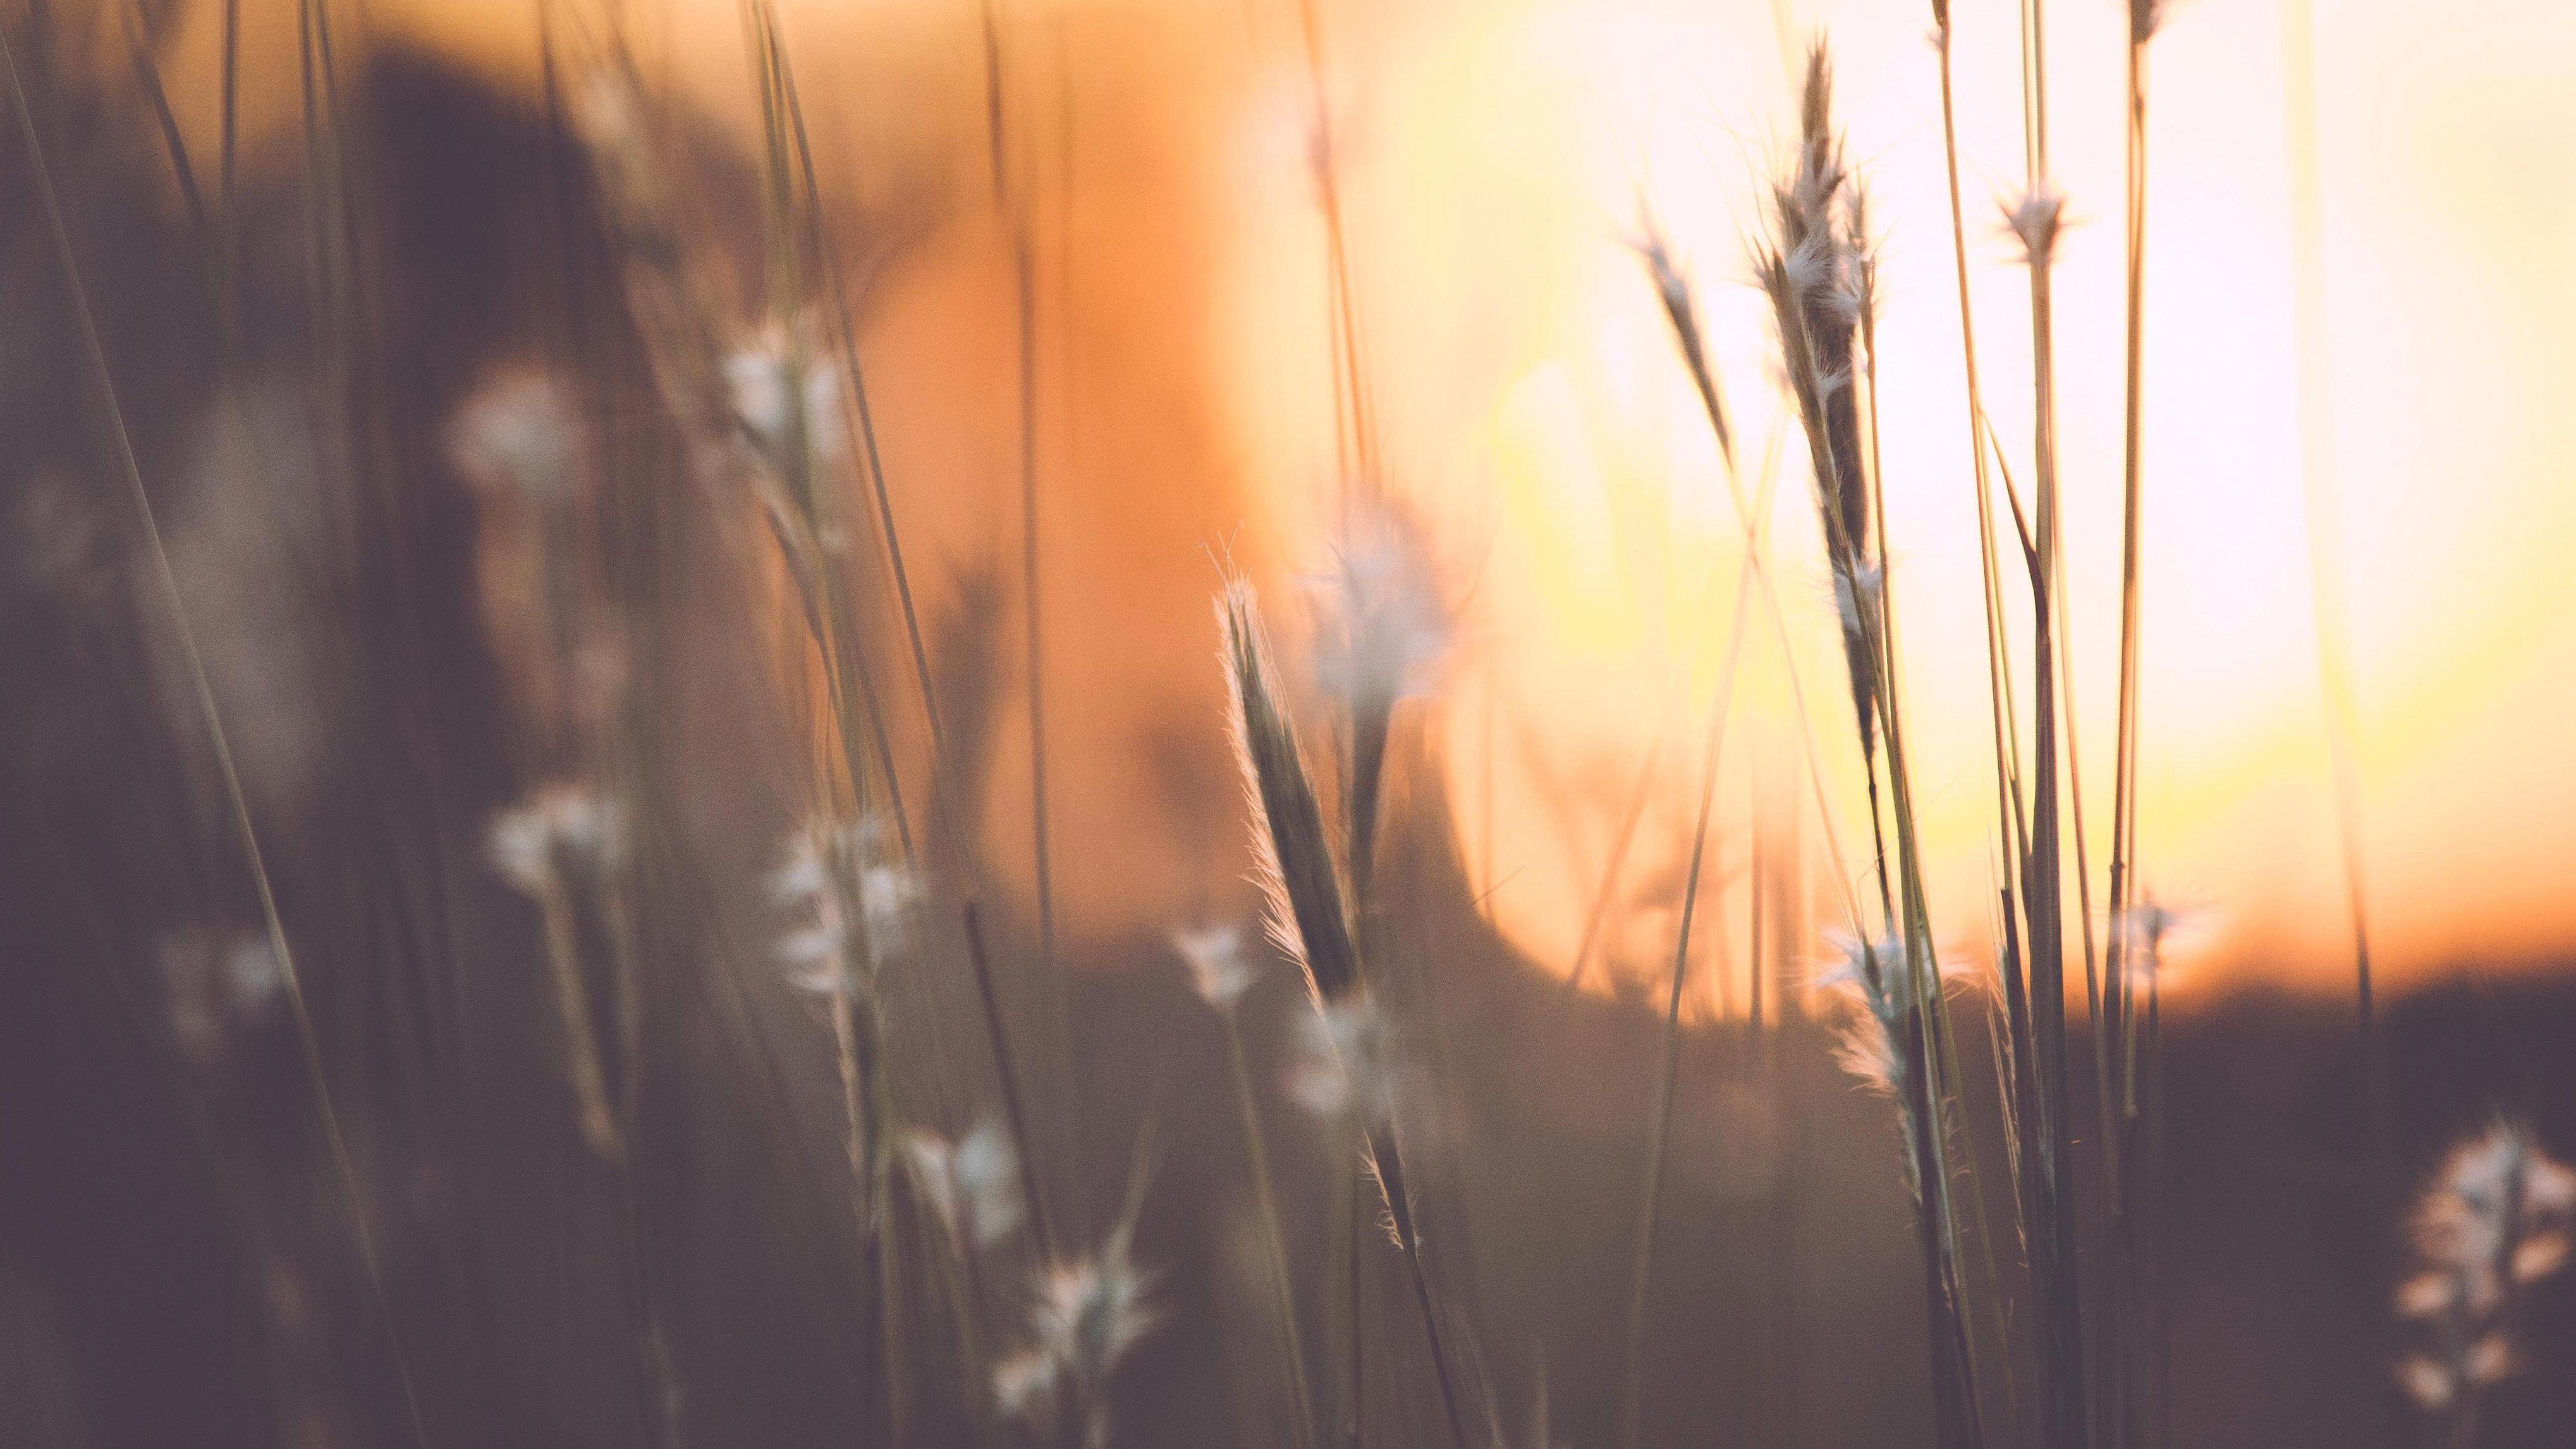 foto de Image libre: été, soleil, lever de soleil, automne, fleurs, forêt ...